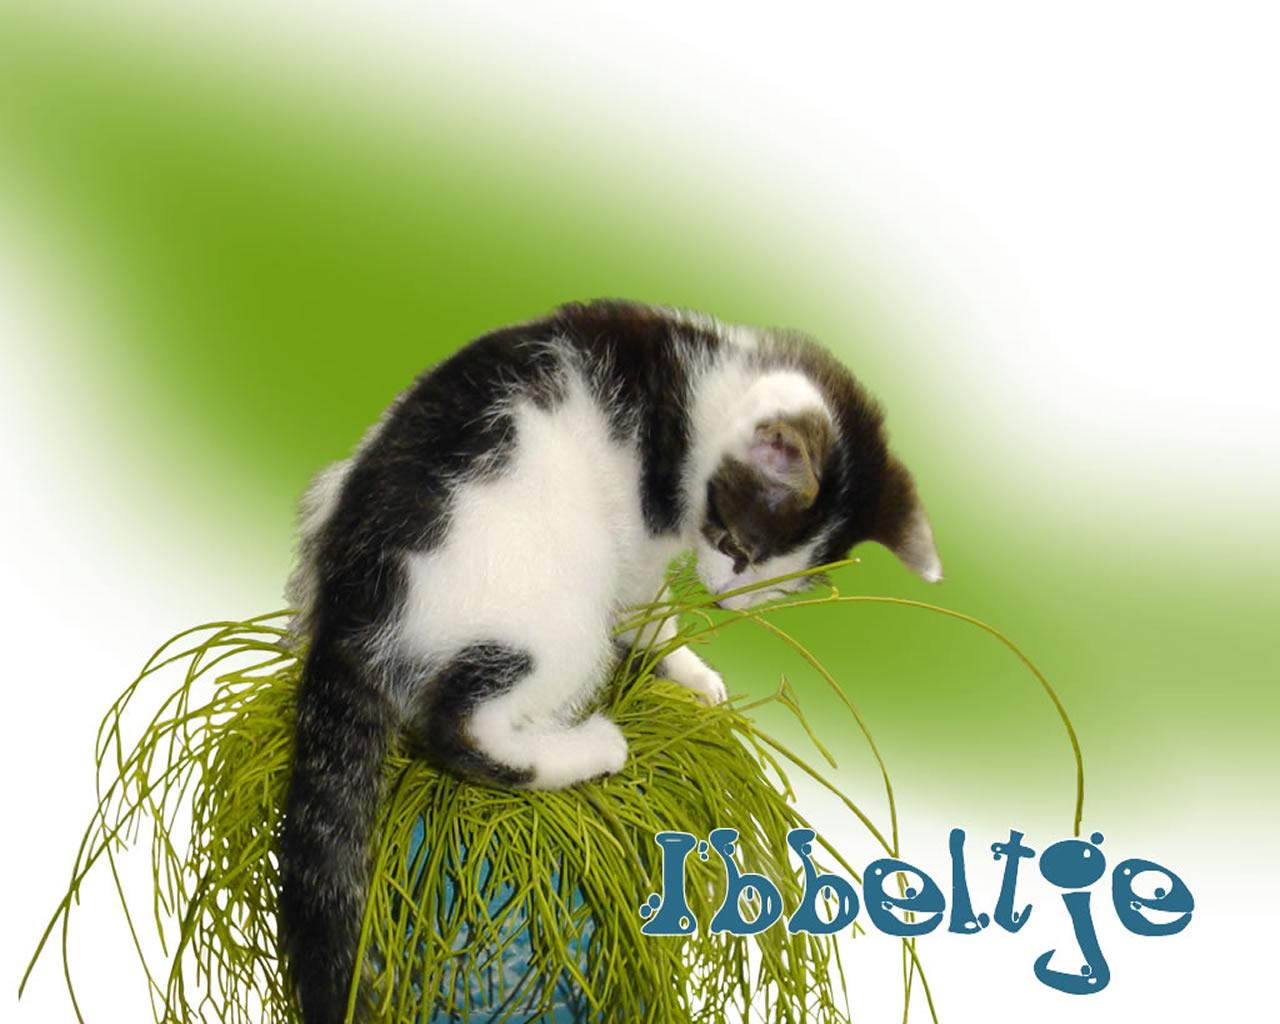 download wallpaper: Ibbeltje is een stoute kat wallpaper